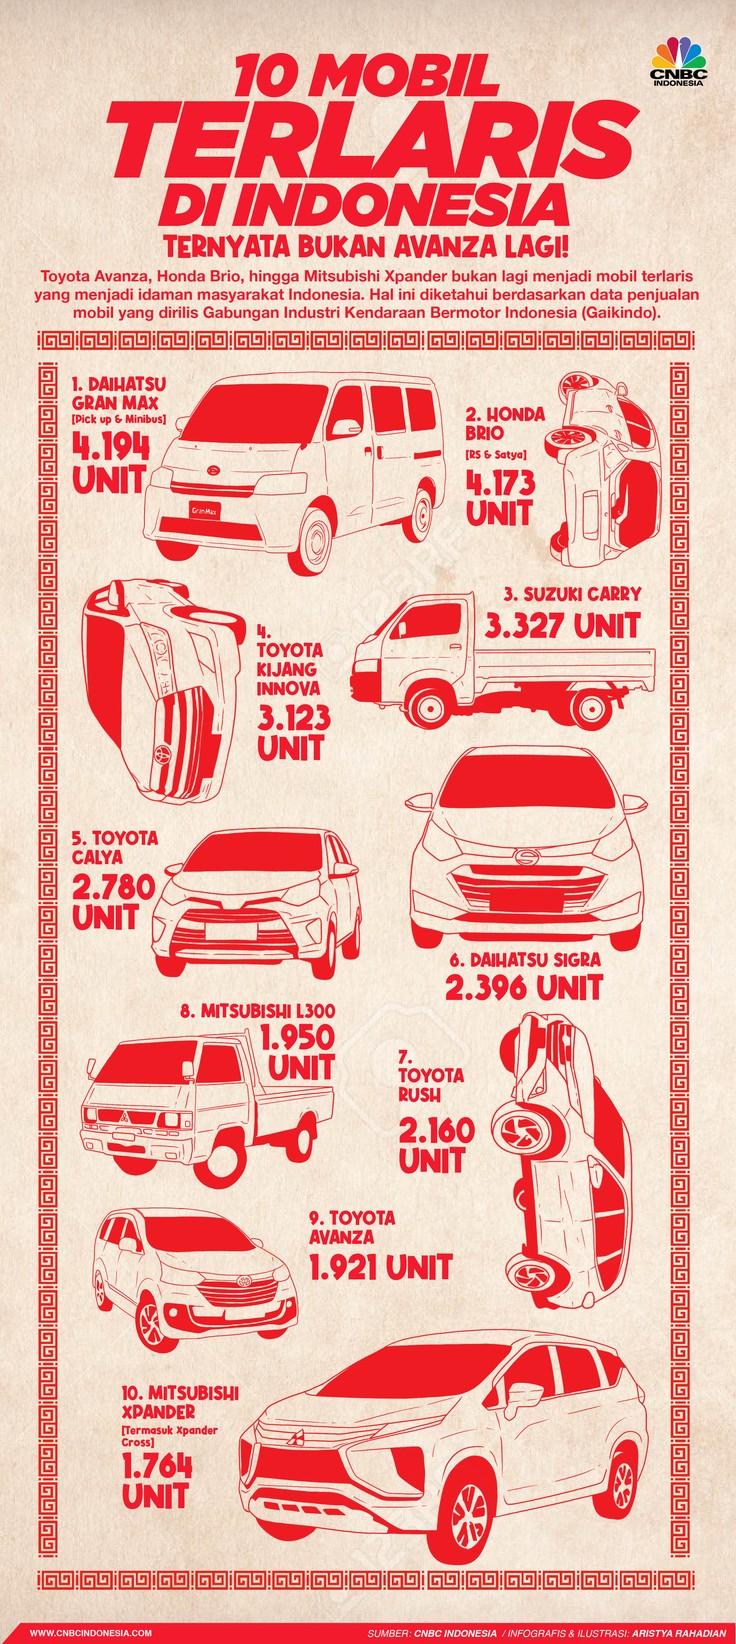 Infografis/ 10 Mobil Terlaris Di Indonesia, ternyata bukan Avanza lagi!/ Aristya Rahadian